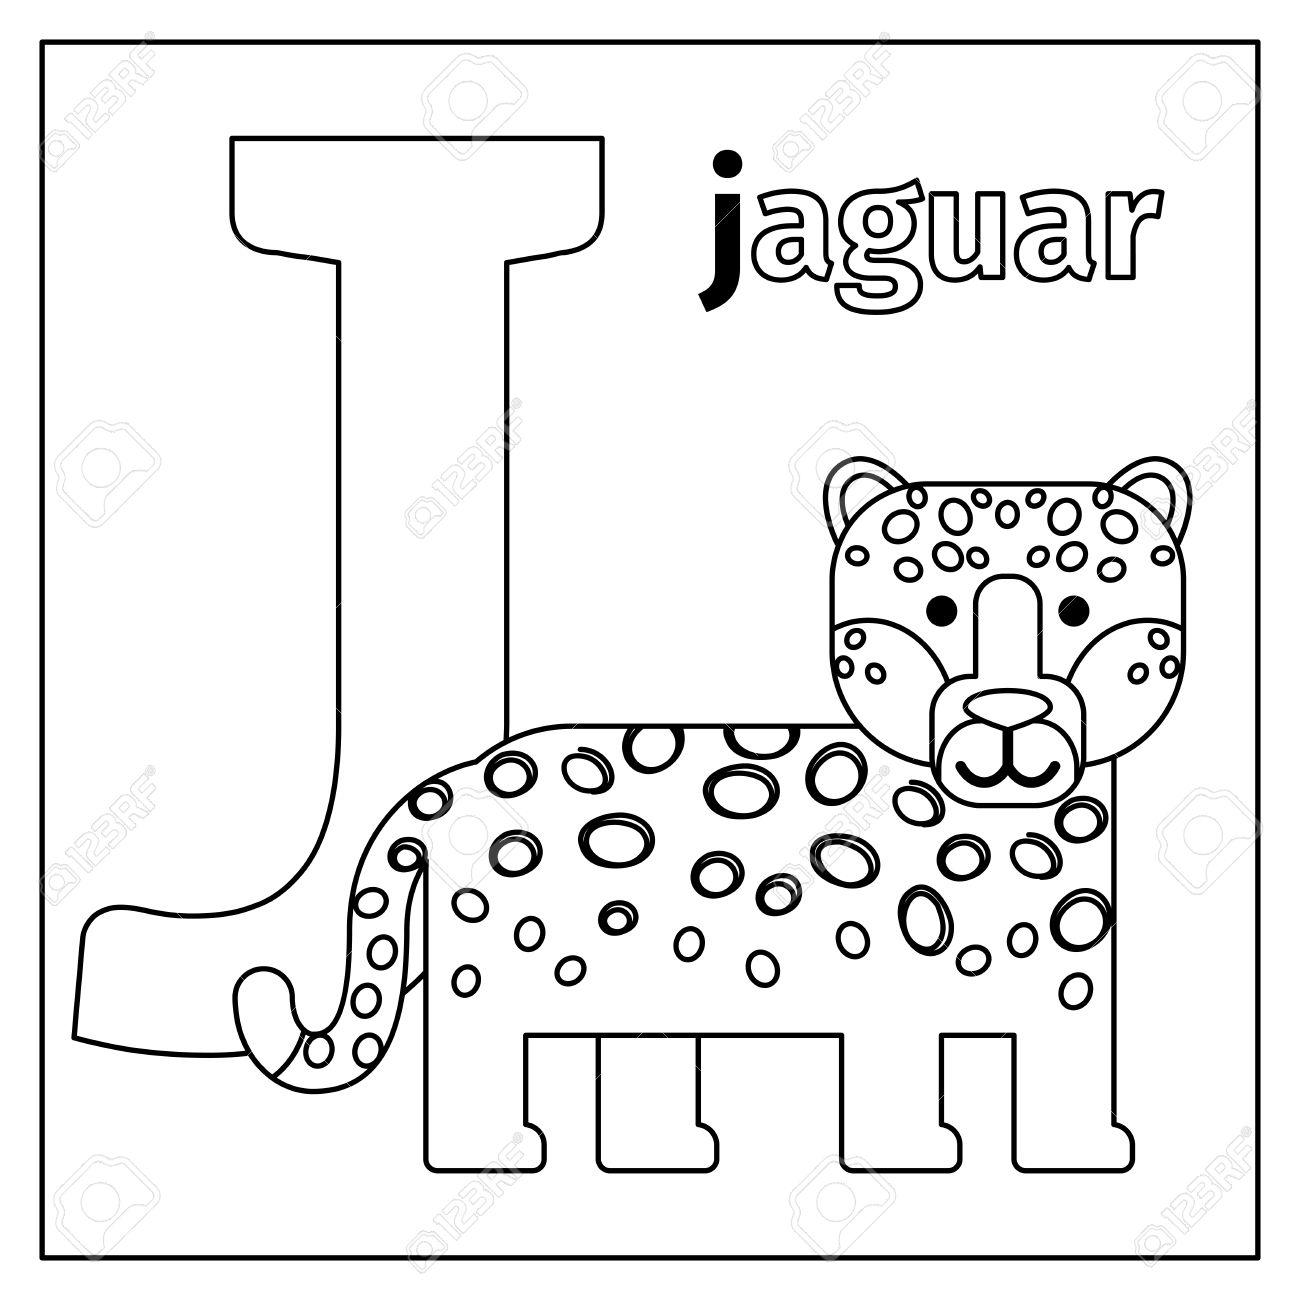 Dibujo Para Colorear O Tarjeta Para Los Ninos Con Alfabeto Ingles